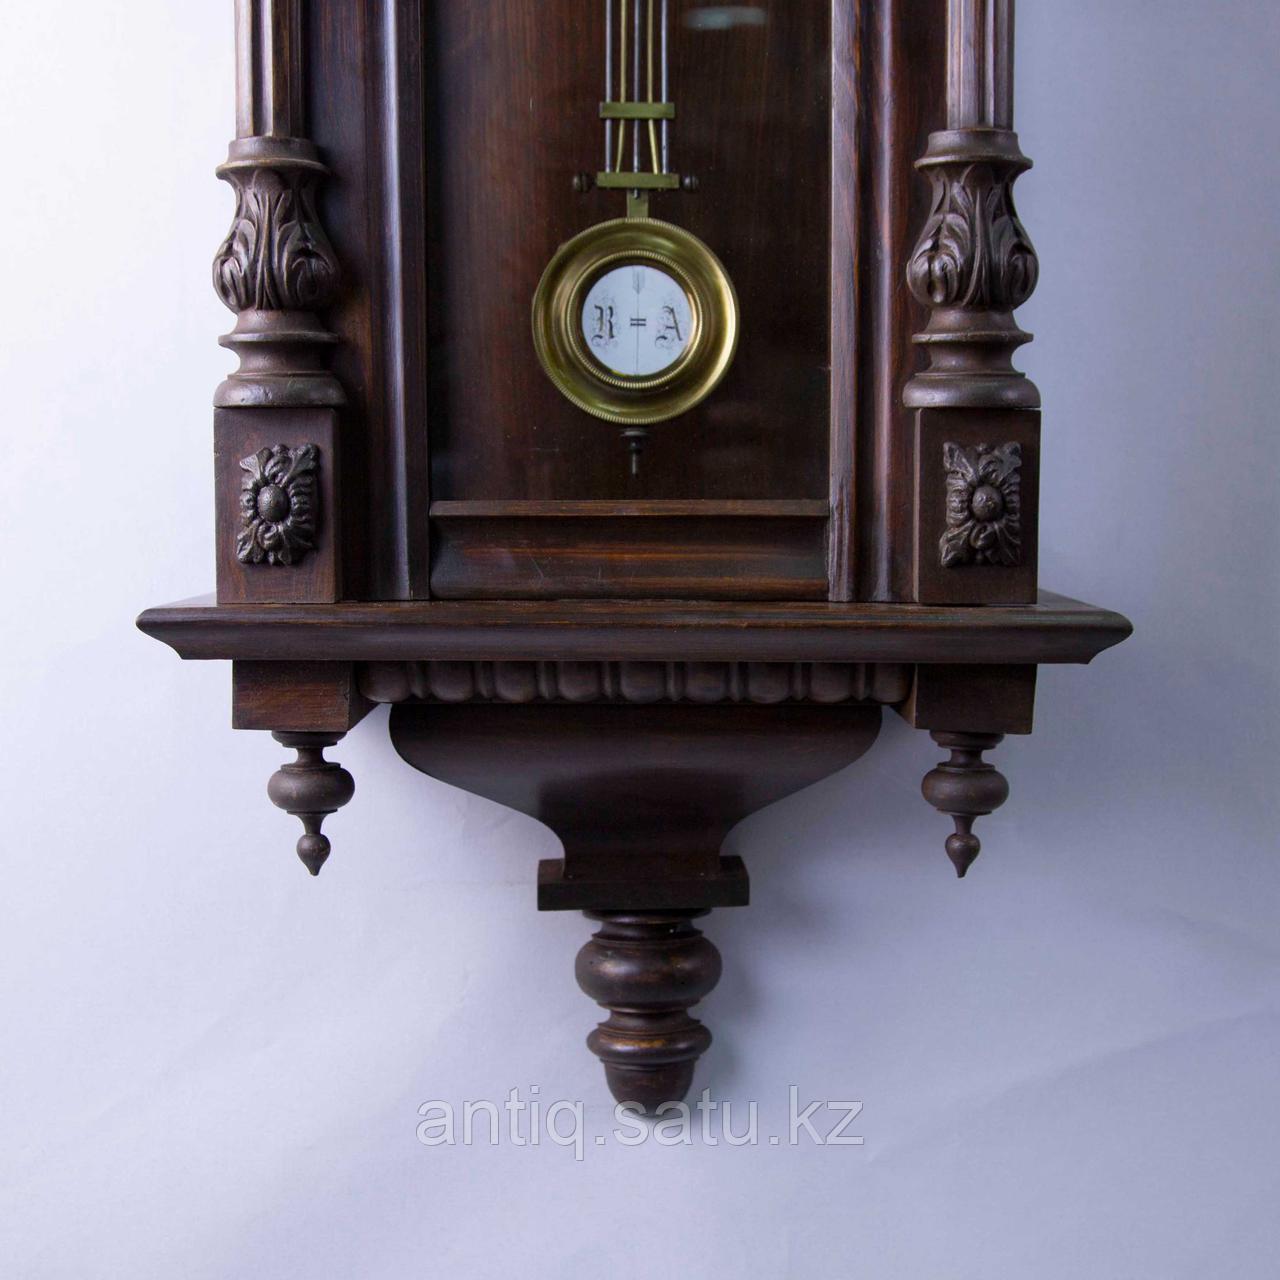 Настенные часы в корпусе классической формы, выполненные из массива дерева. - фото 5